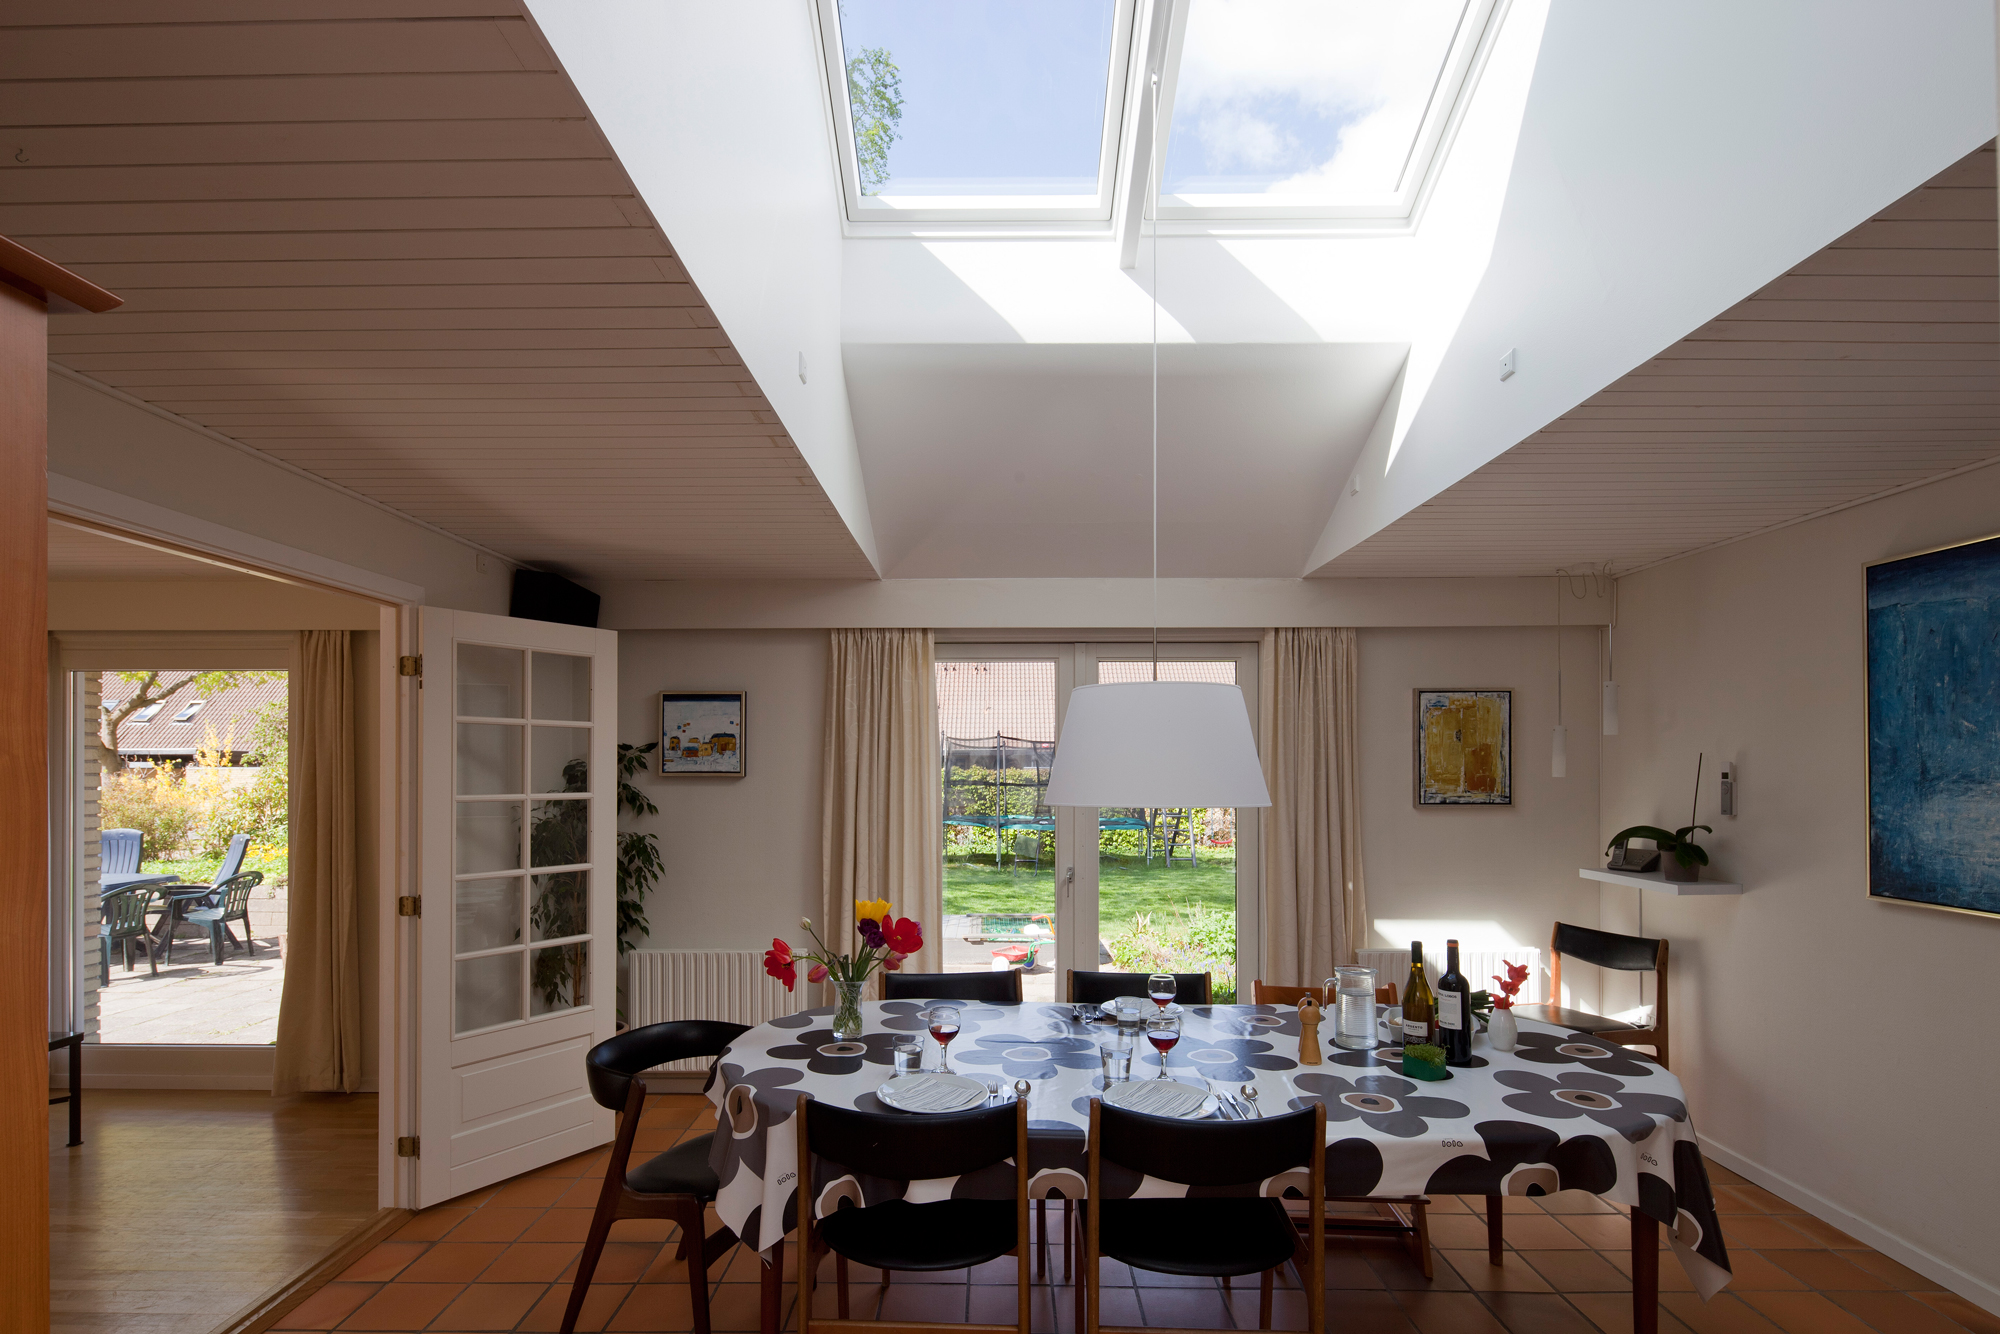 Abitabilit di appartamenti e sottotetti altezza minima e - Chiudere una finestra di casa ...